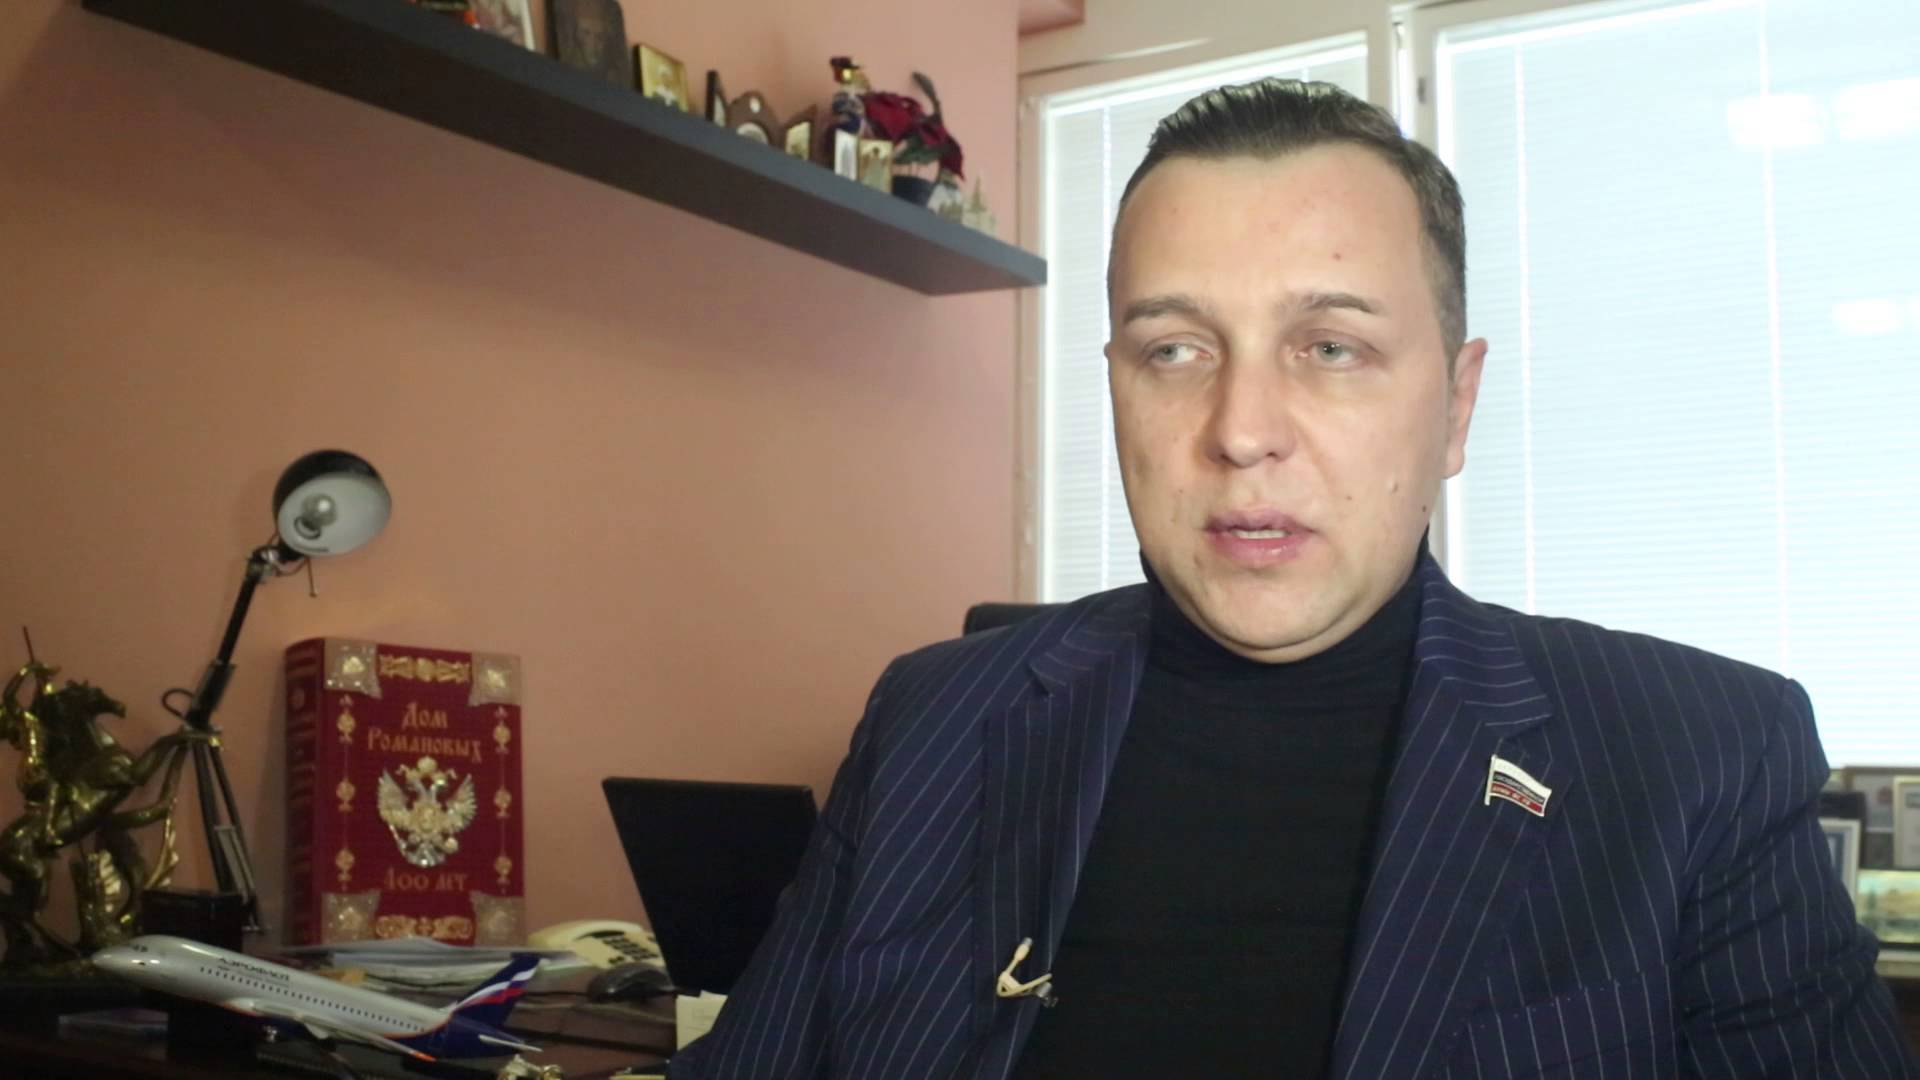 Александр Старовойтов: депутат, биография, родители